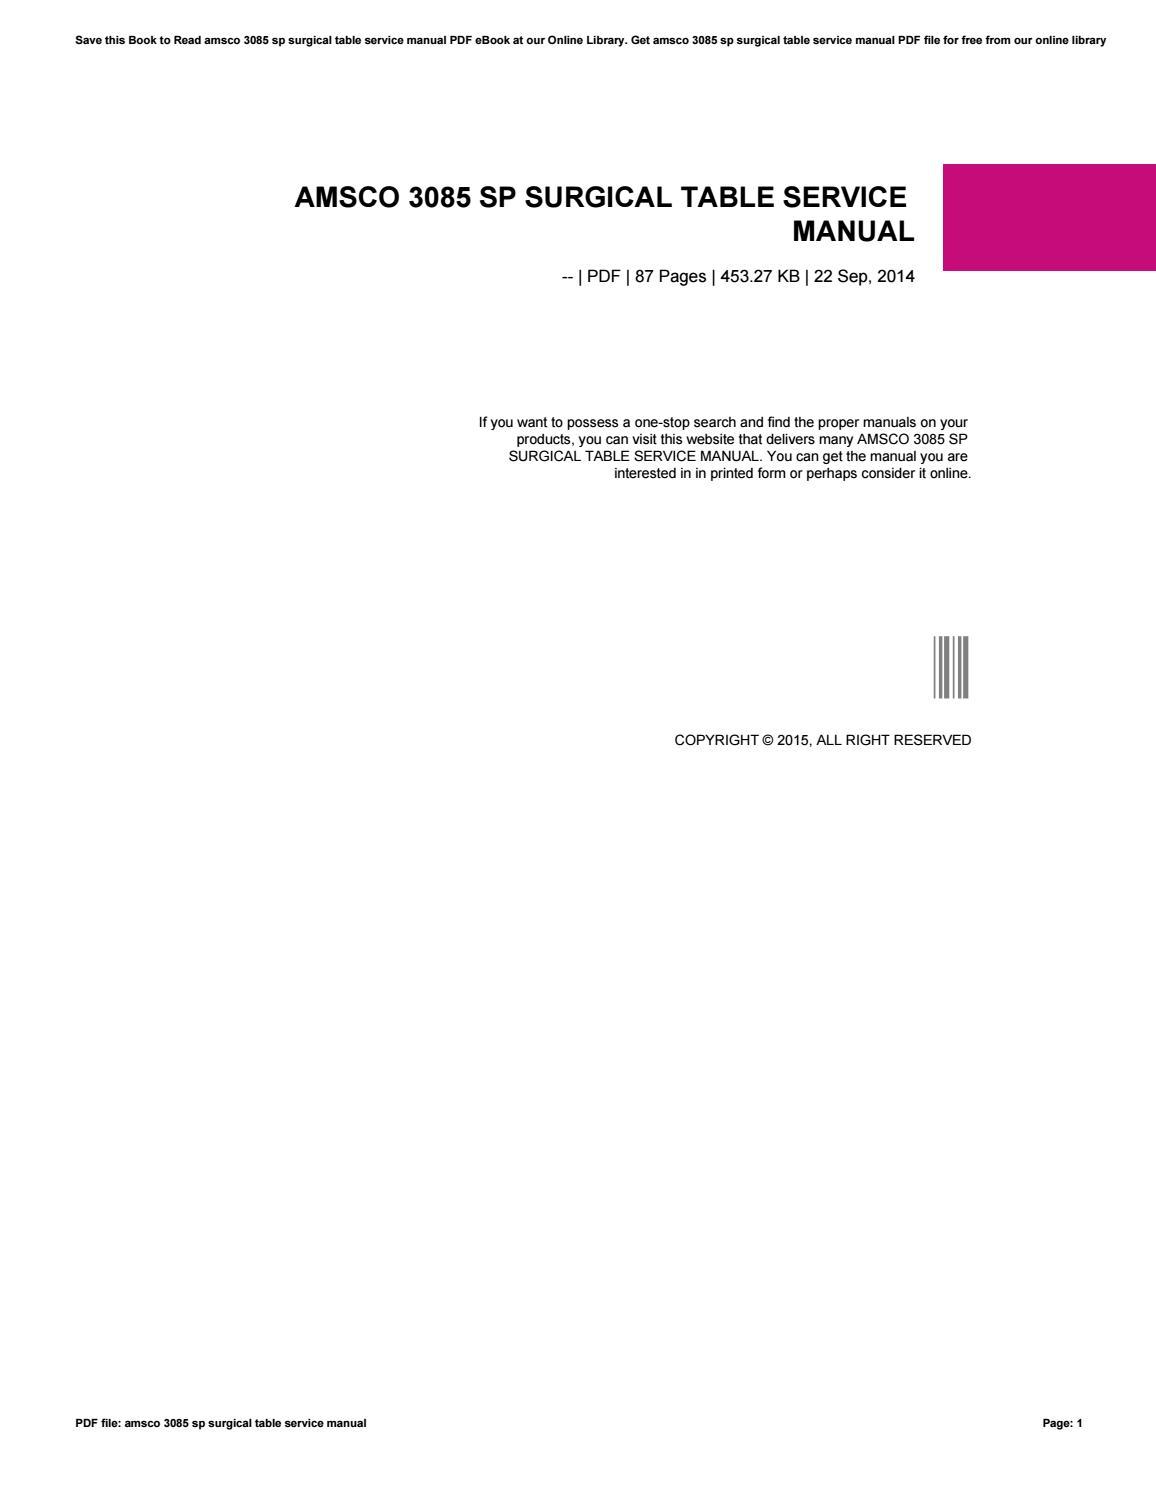 Steris 3080 sp service manual